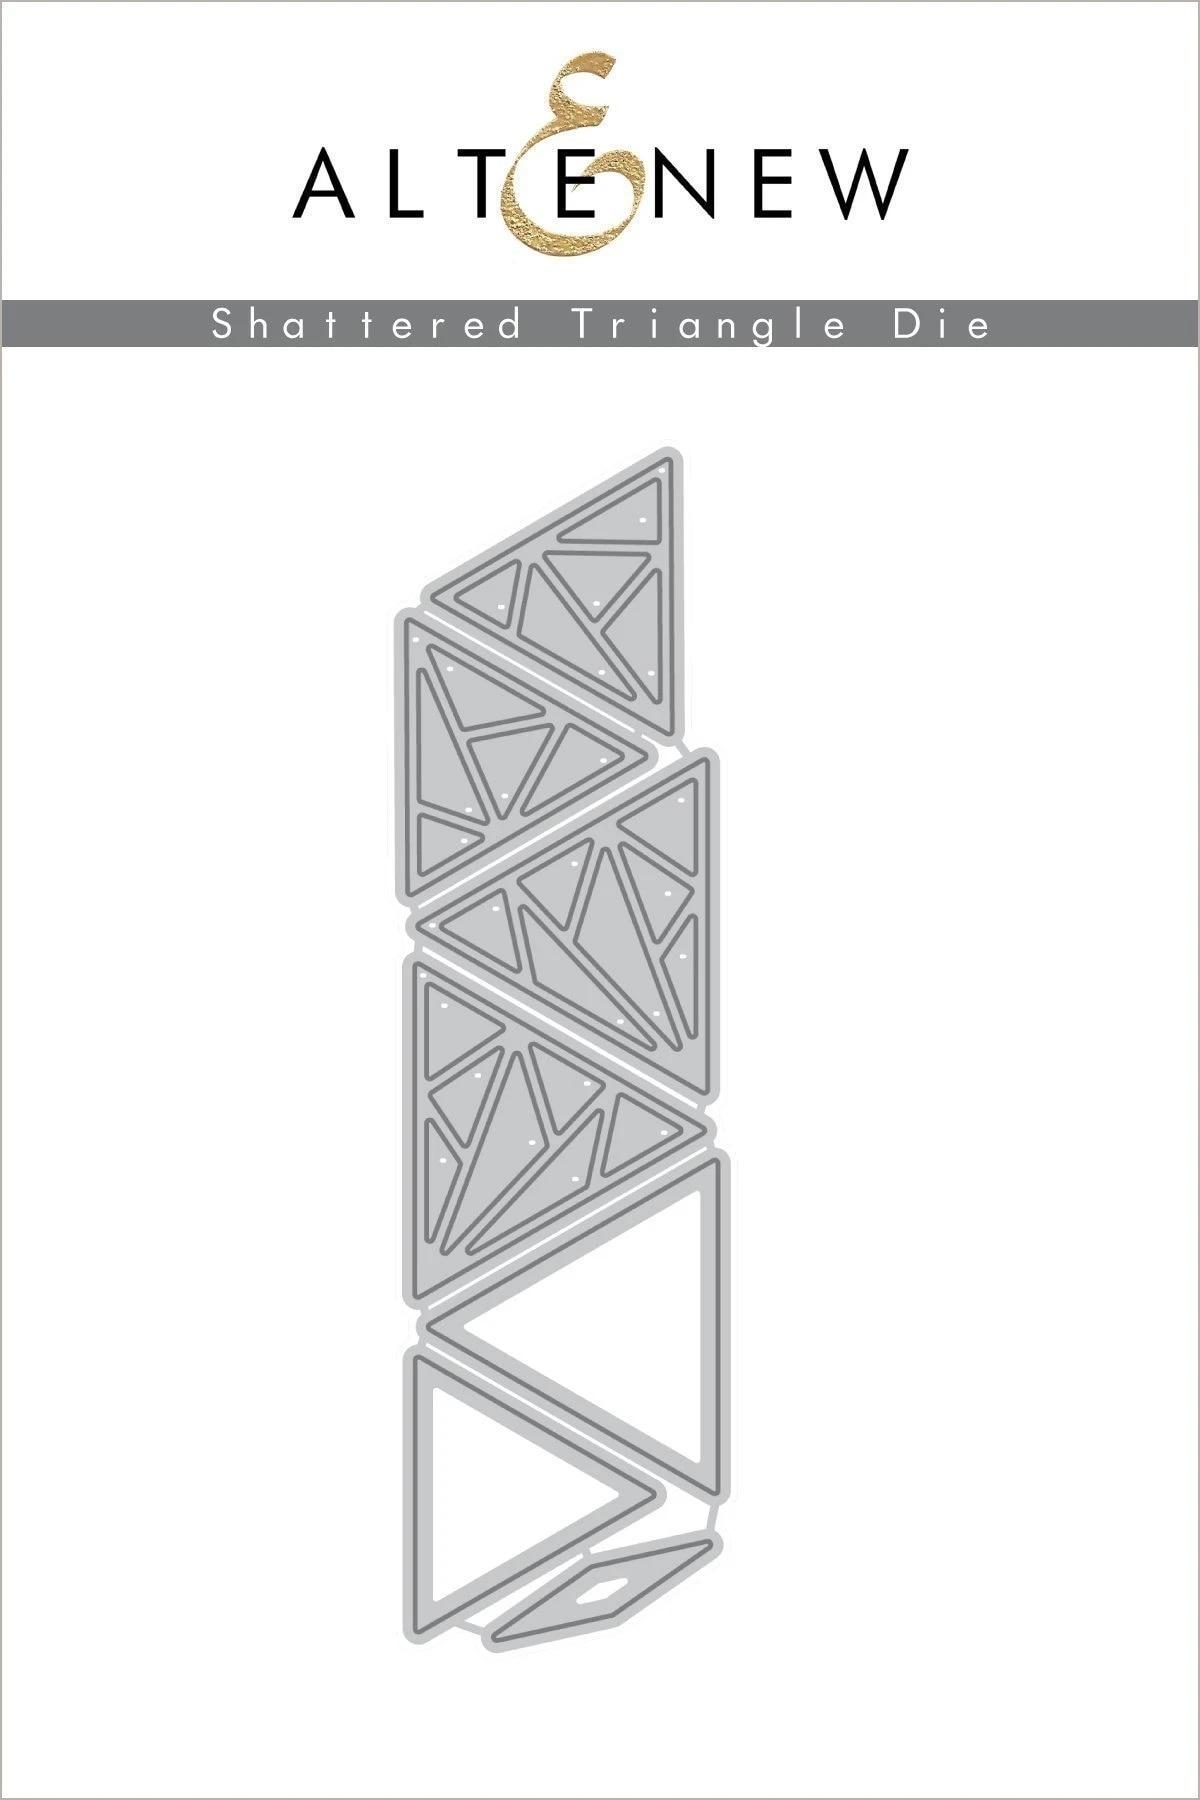 2020 troqueles de corte de Metal prismático Fondo Die papel de álbum de recortes artesanía hecha a mano tarjeta Punch arte cortador plantilla decorativa